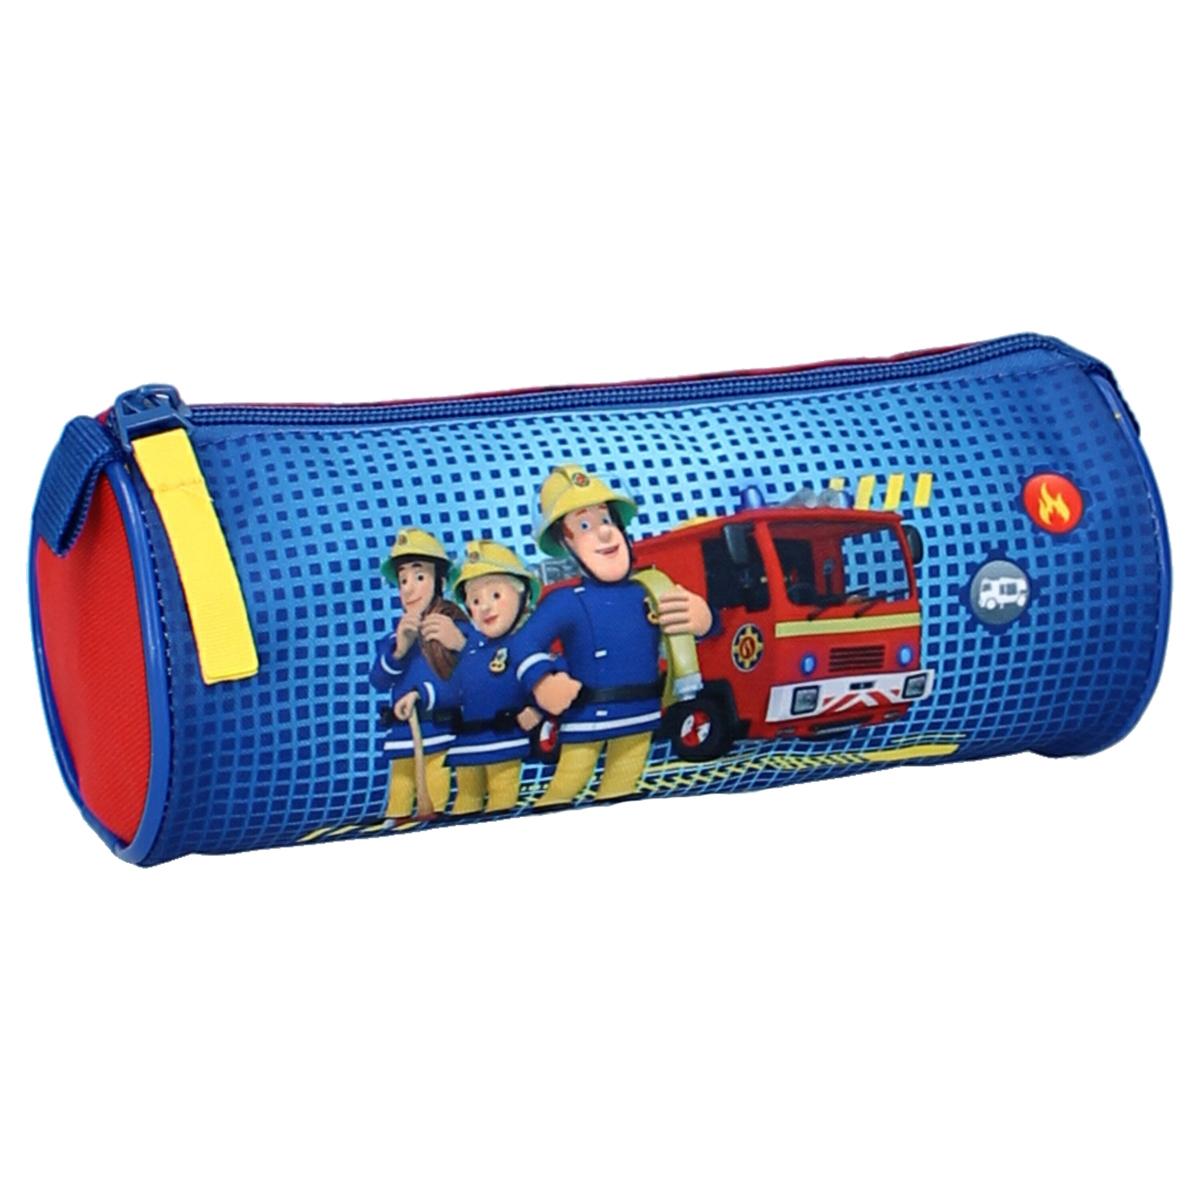 Trousse tube \'Sam le pompier\' bleu rouge - 20x9 cm - [A0585]